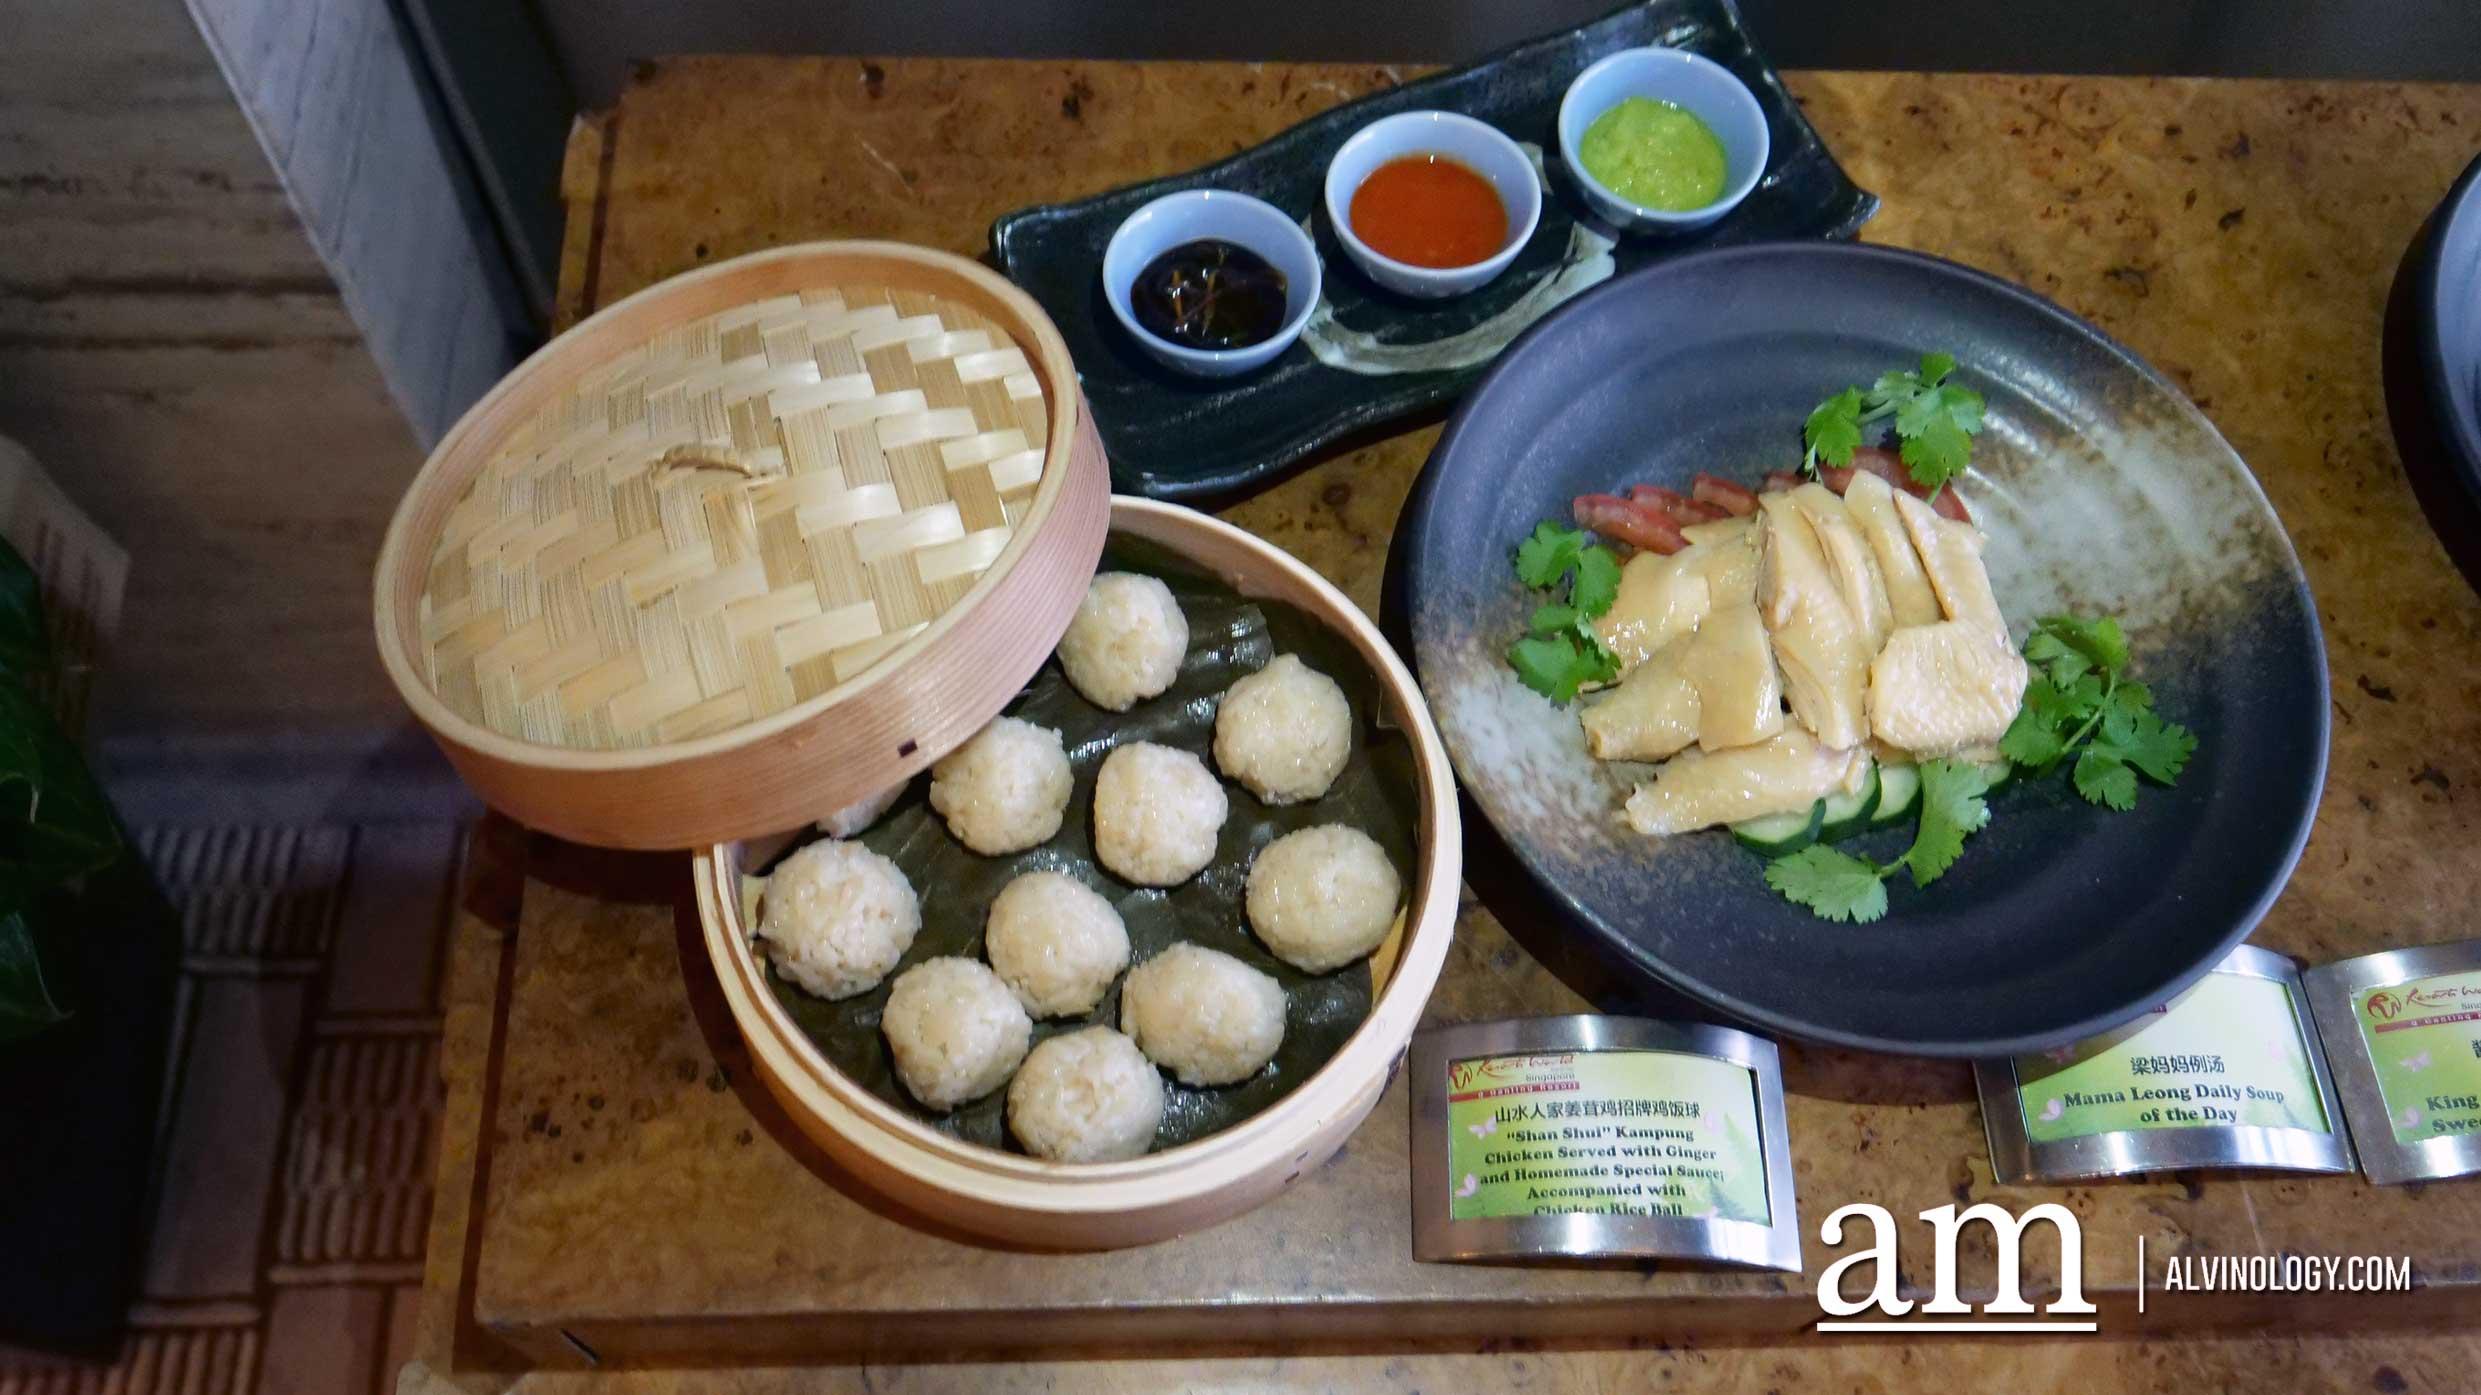 """山水人家姜茸鸡配招牌鸡饭球 """"Samsui"""" Kampung Chicken served with Ginger and Homemade Special Sauce, accompanied with Chicken Rice Ball"""